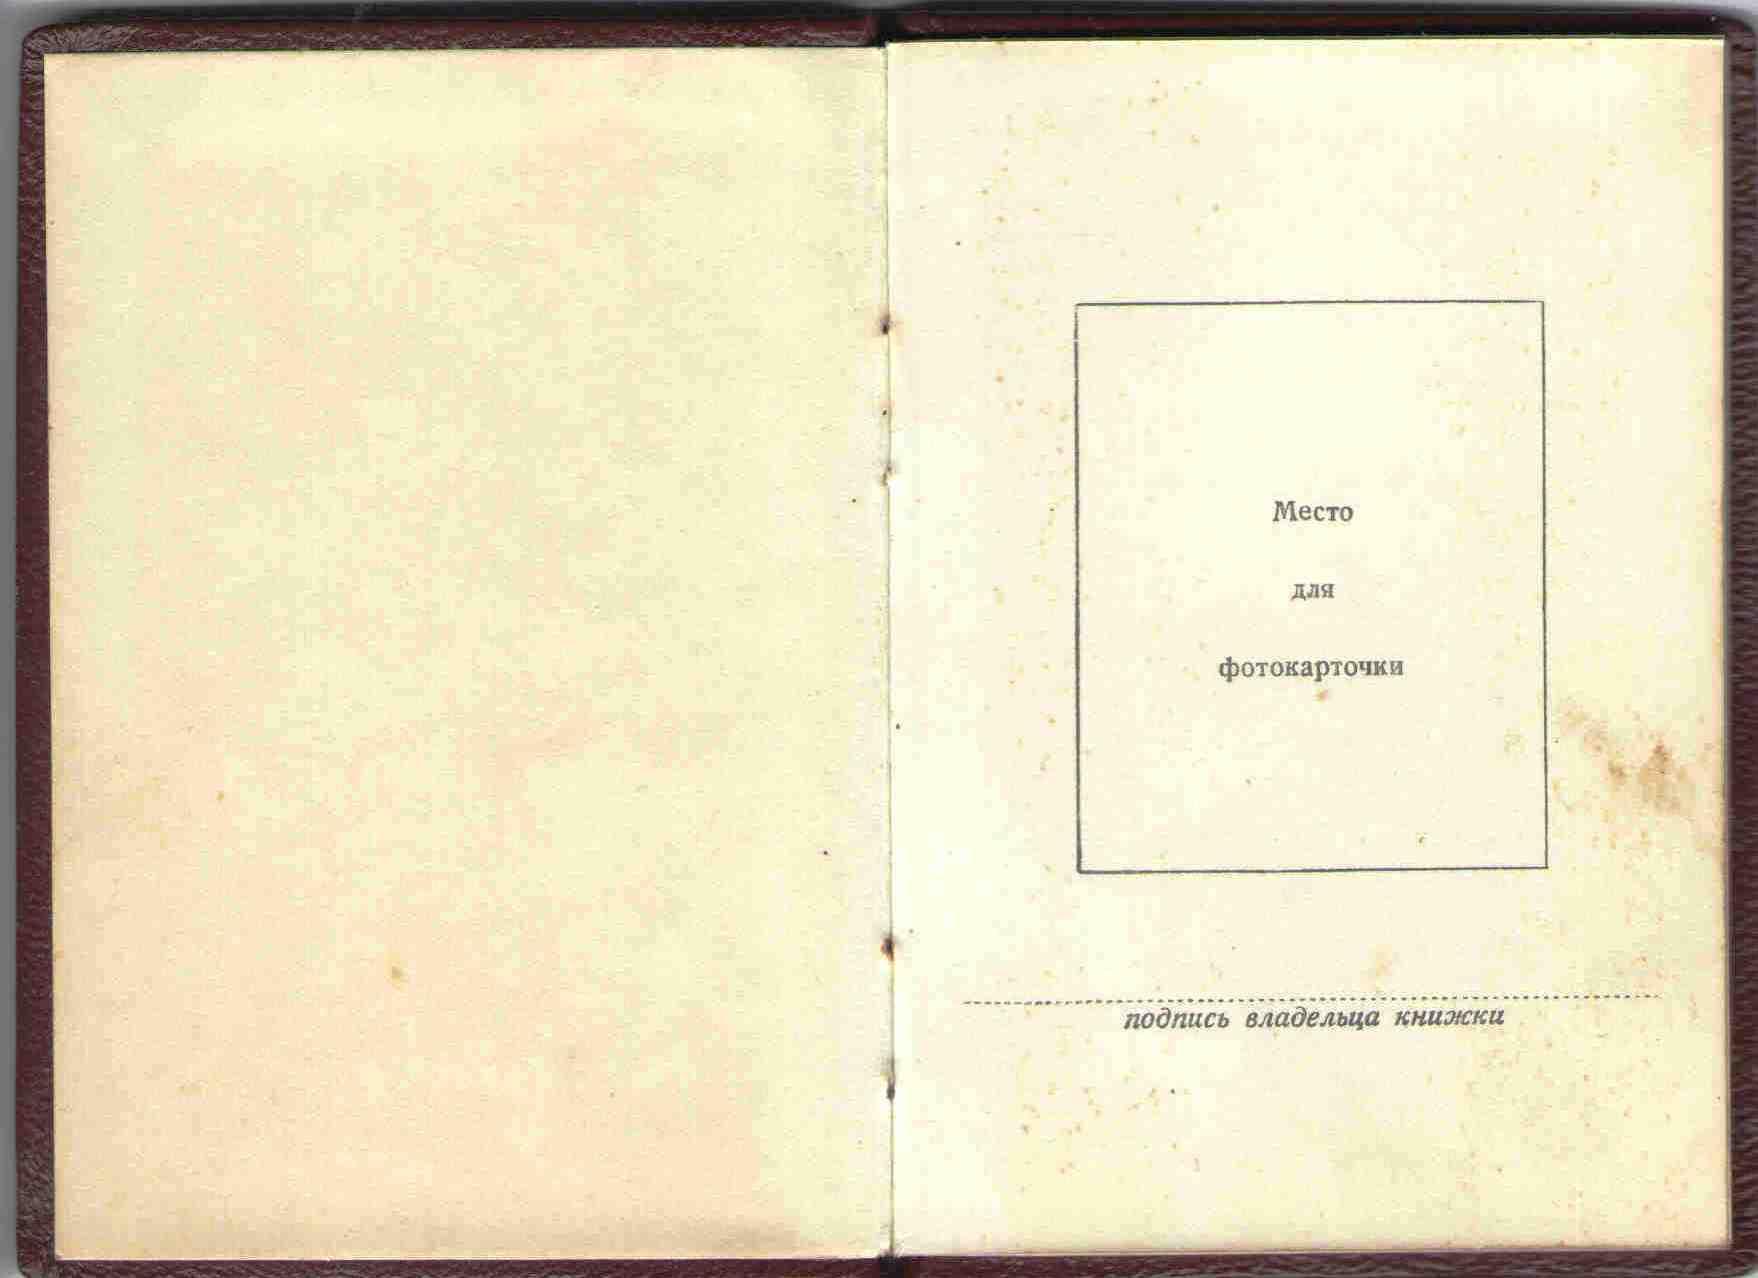 52. Удостоверение Мать Героиня, 1967